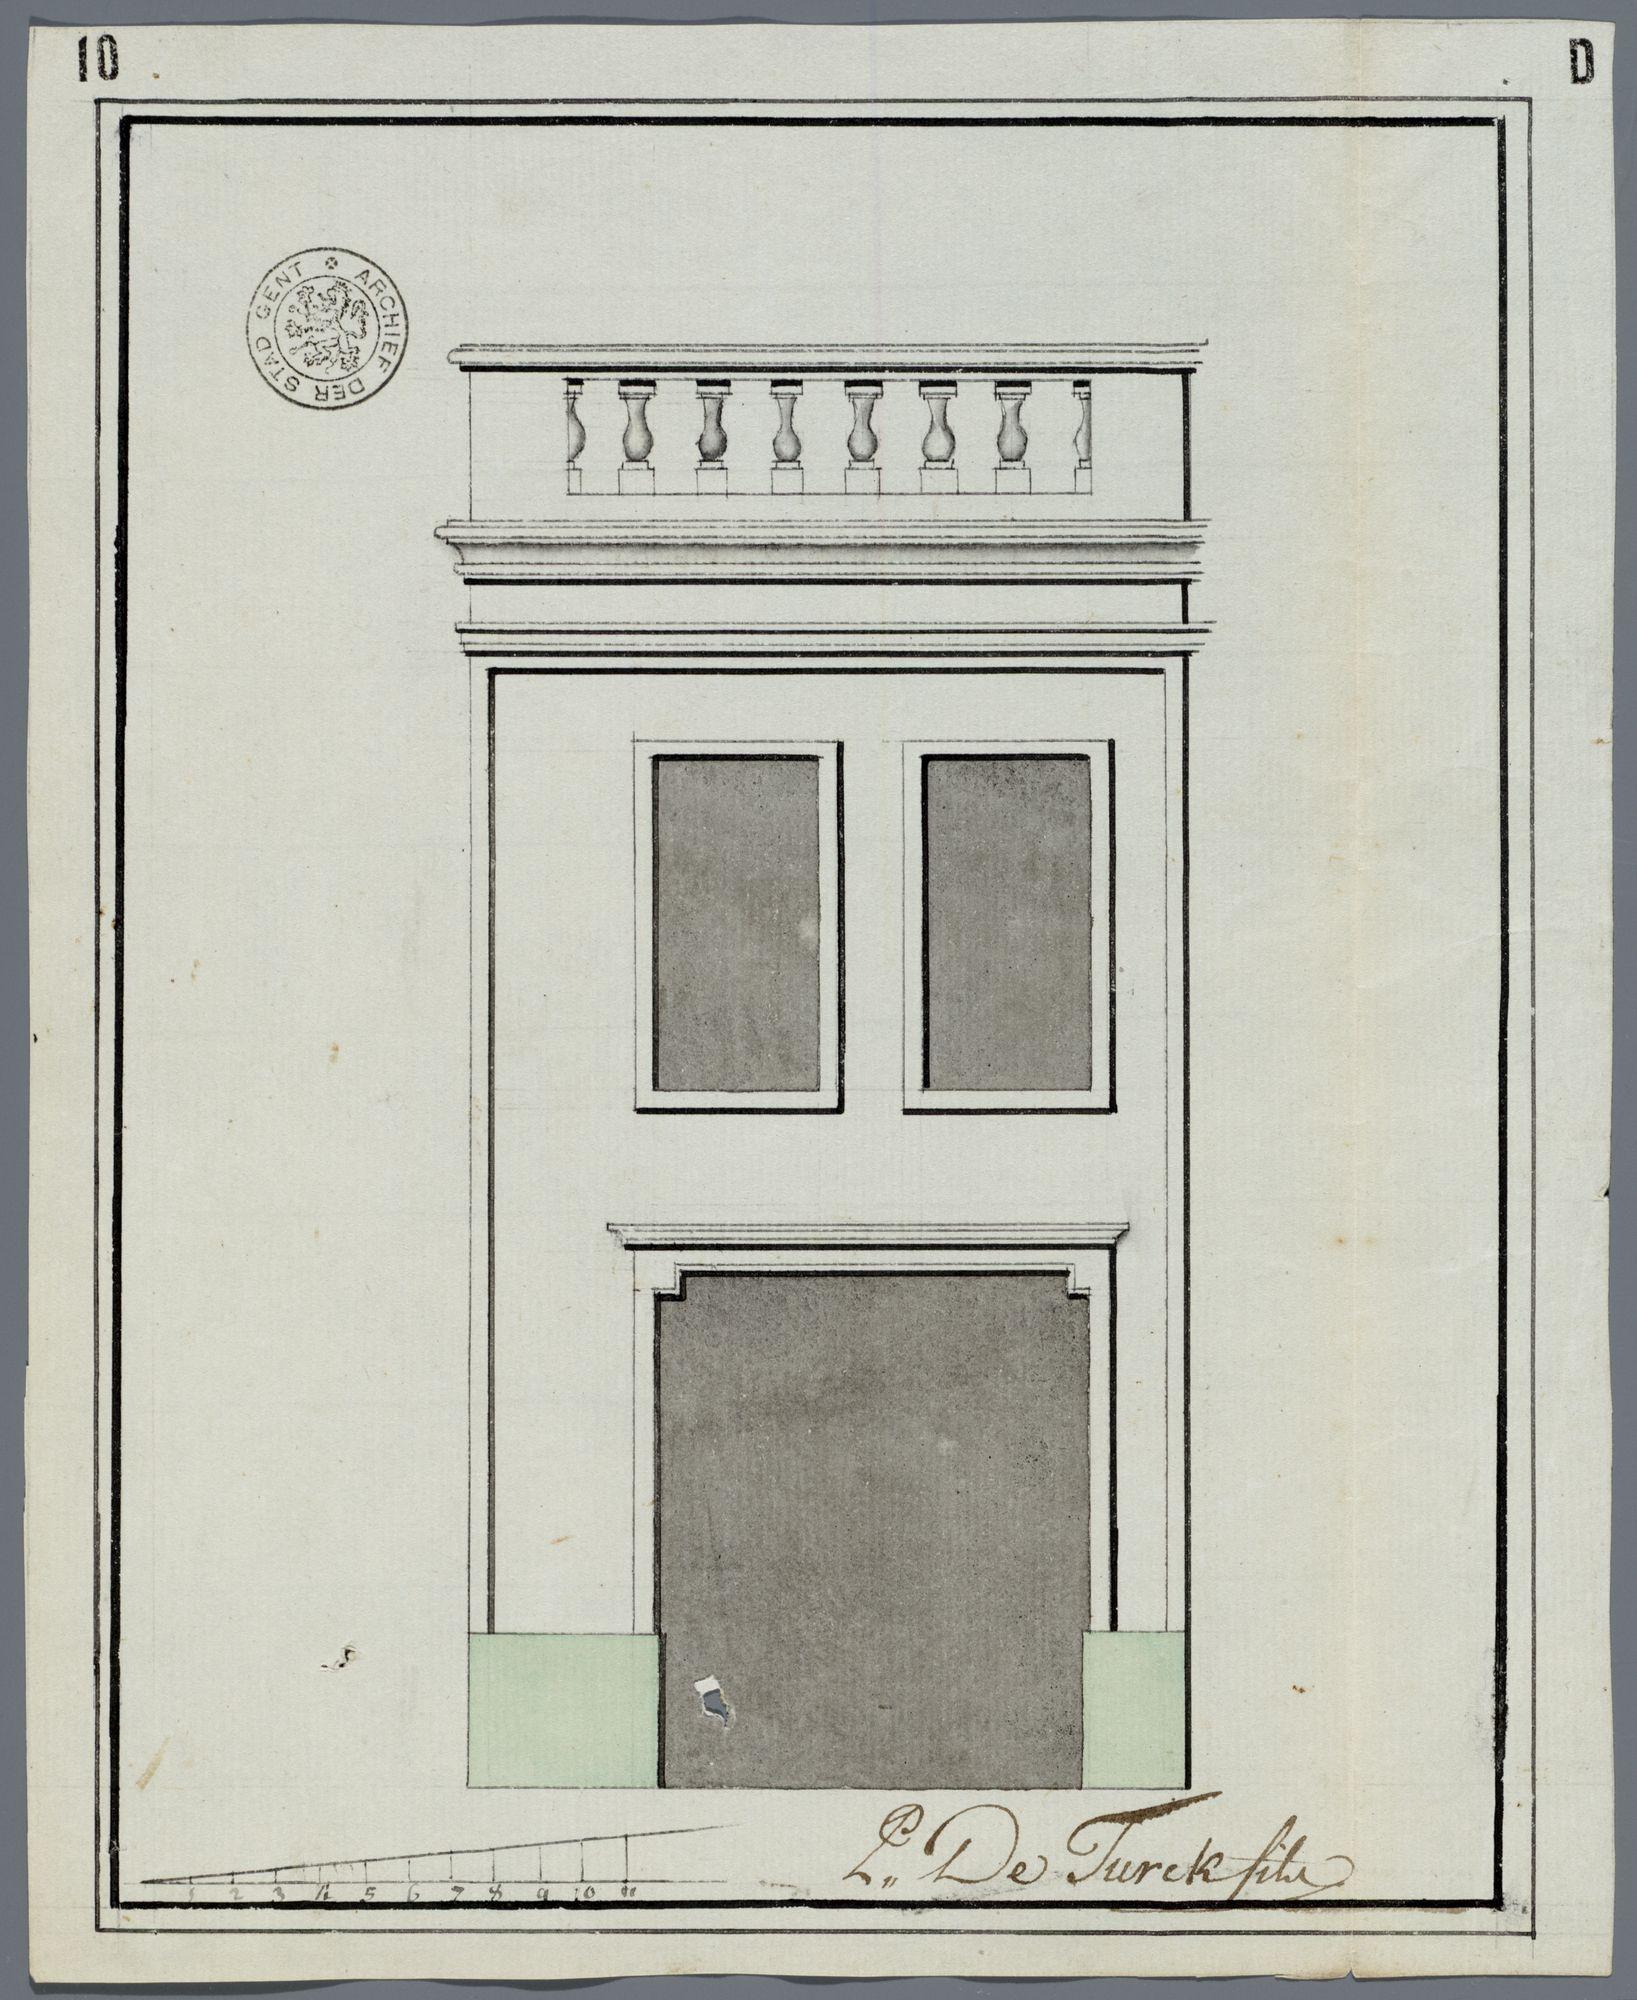 Gent: Huidevetterskaai, 1792: opstand voorgevel: nieuwe toestand